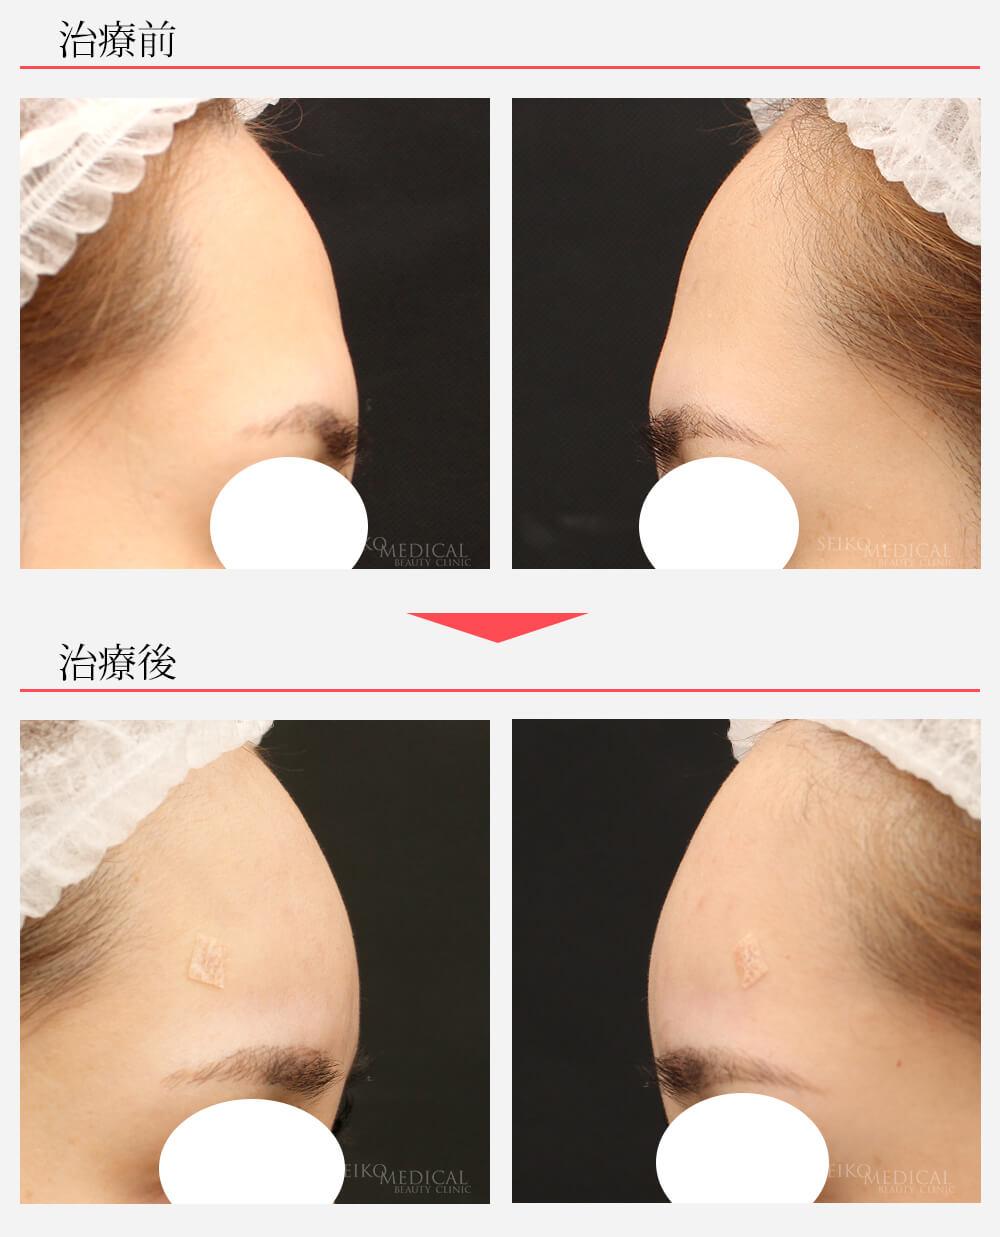 糸によるリフトと額(おでこ)のヒアルロン酸注入による顔を立体的に美しくする治療